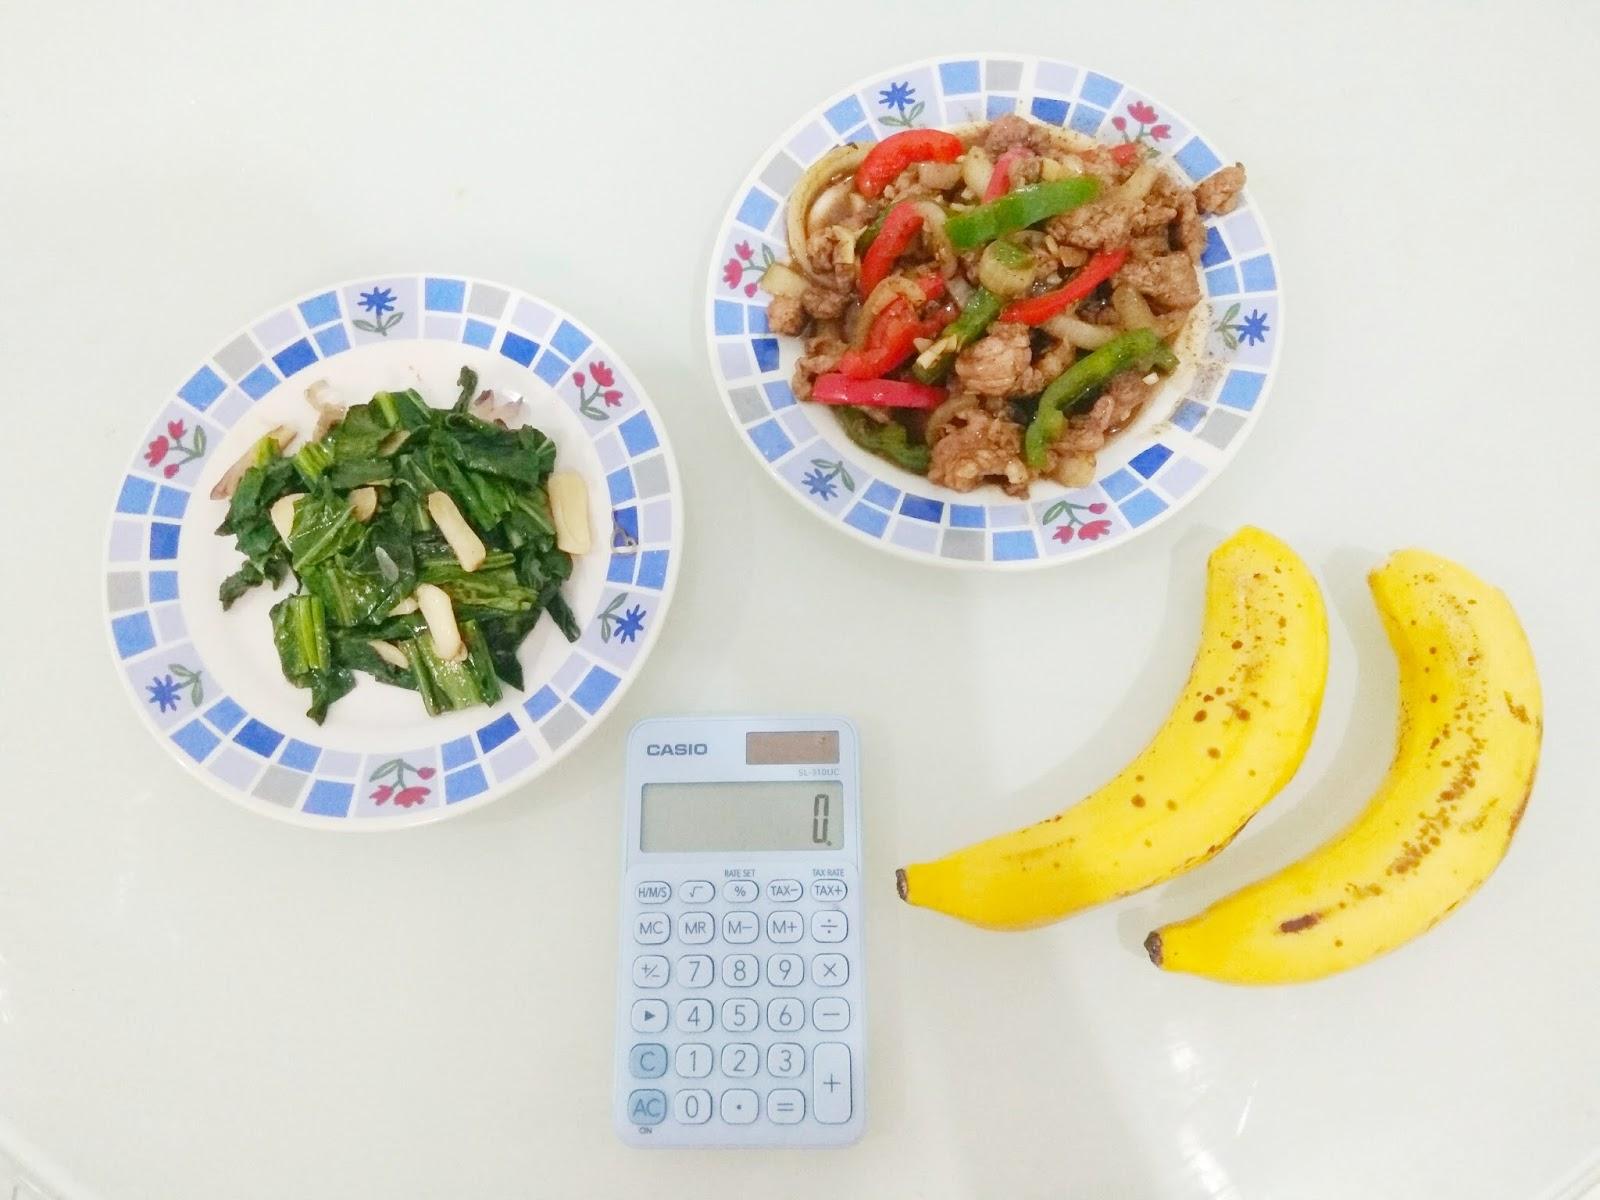 Menghitung Kalori Makanan: Cara Cepat Agar Diet Berhasil